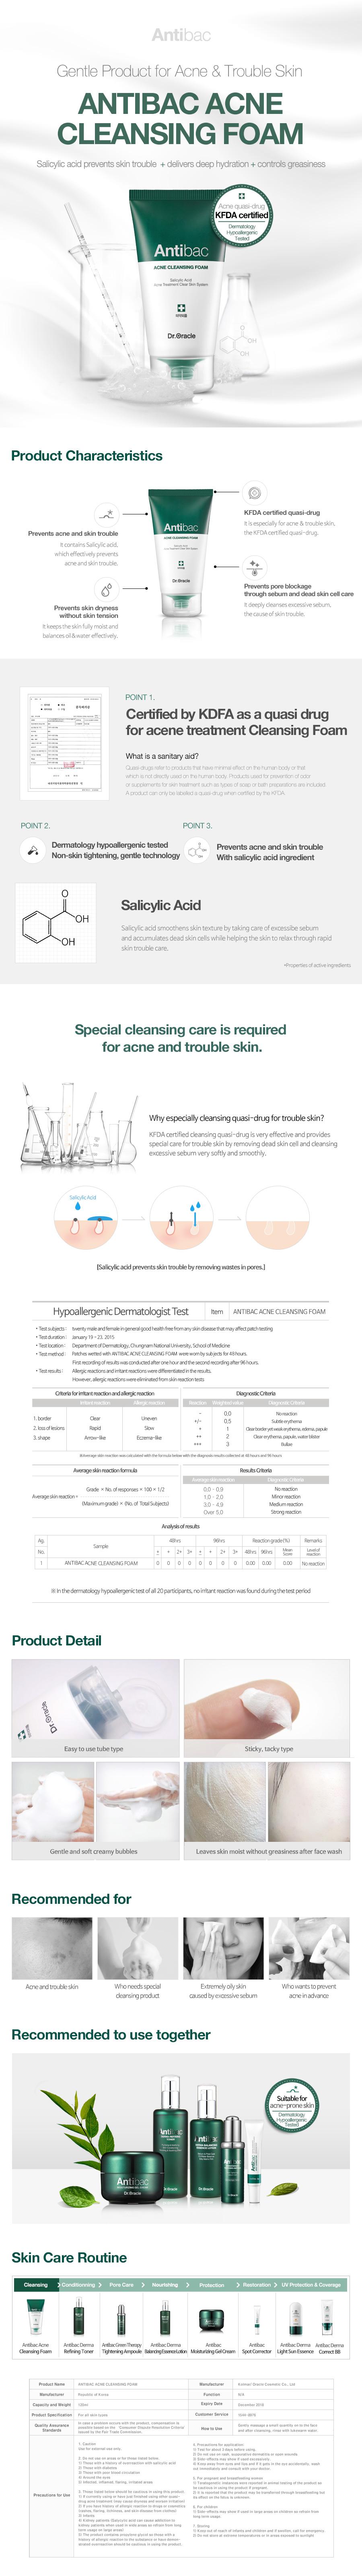 Antibac Acne Cleansing Foam